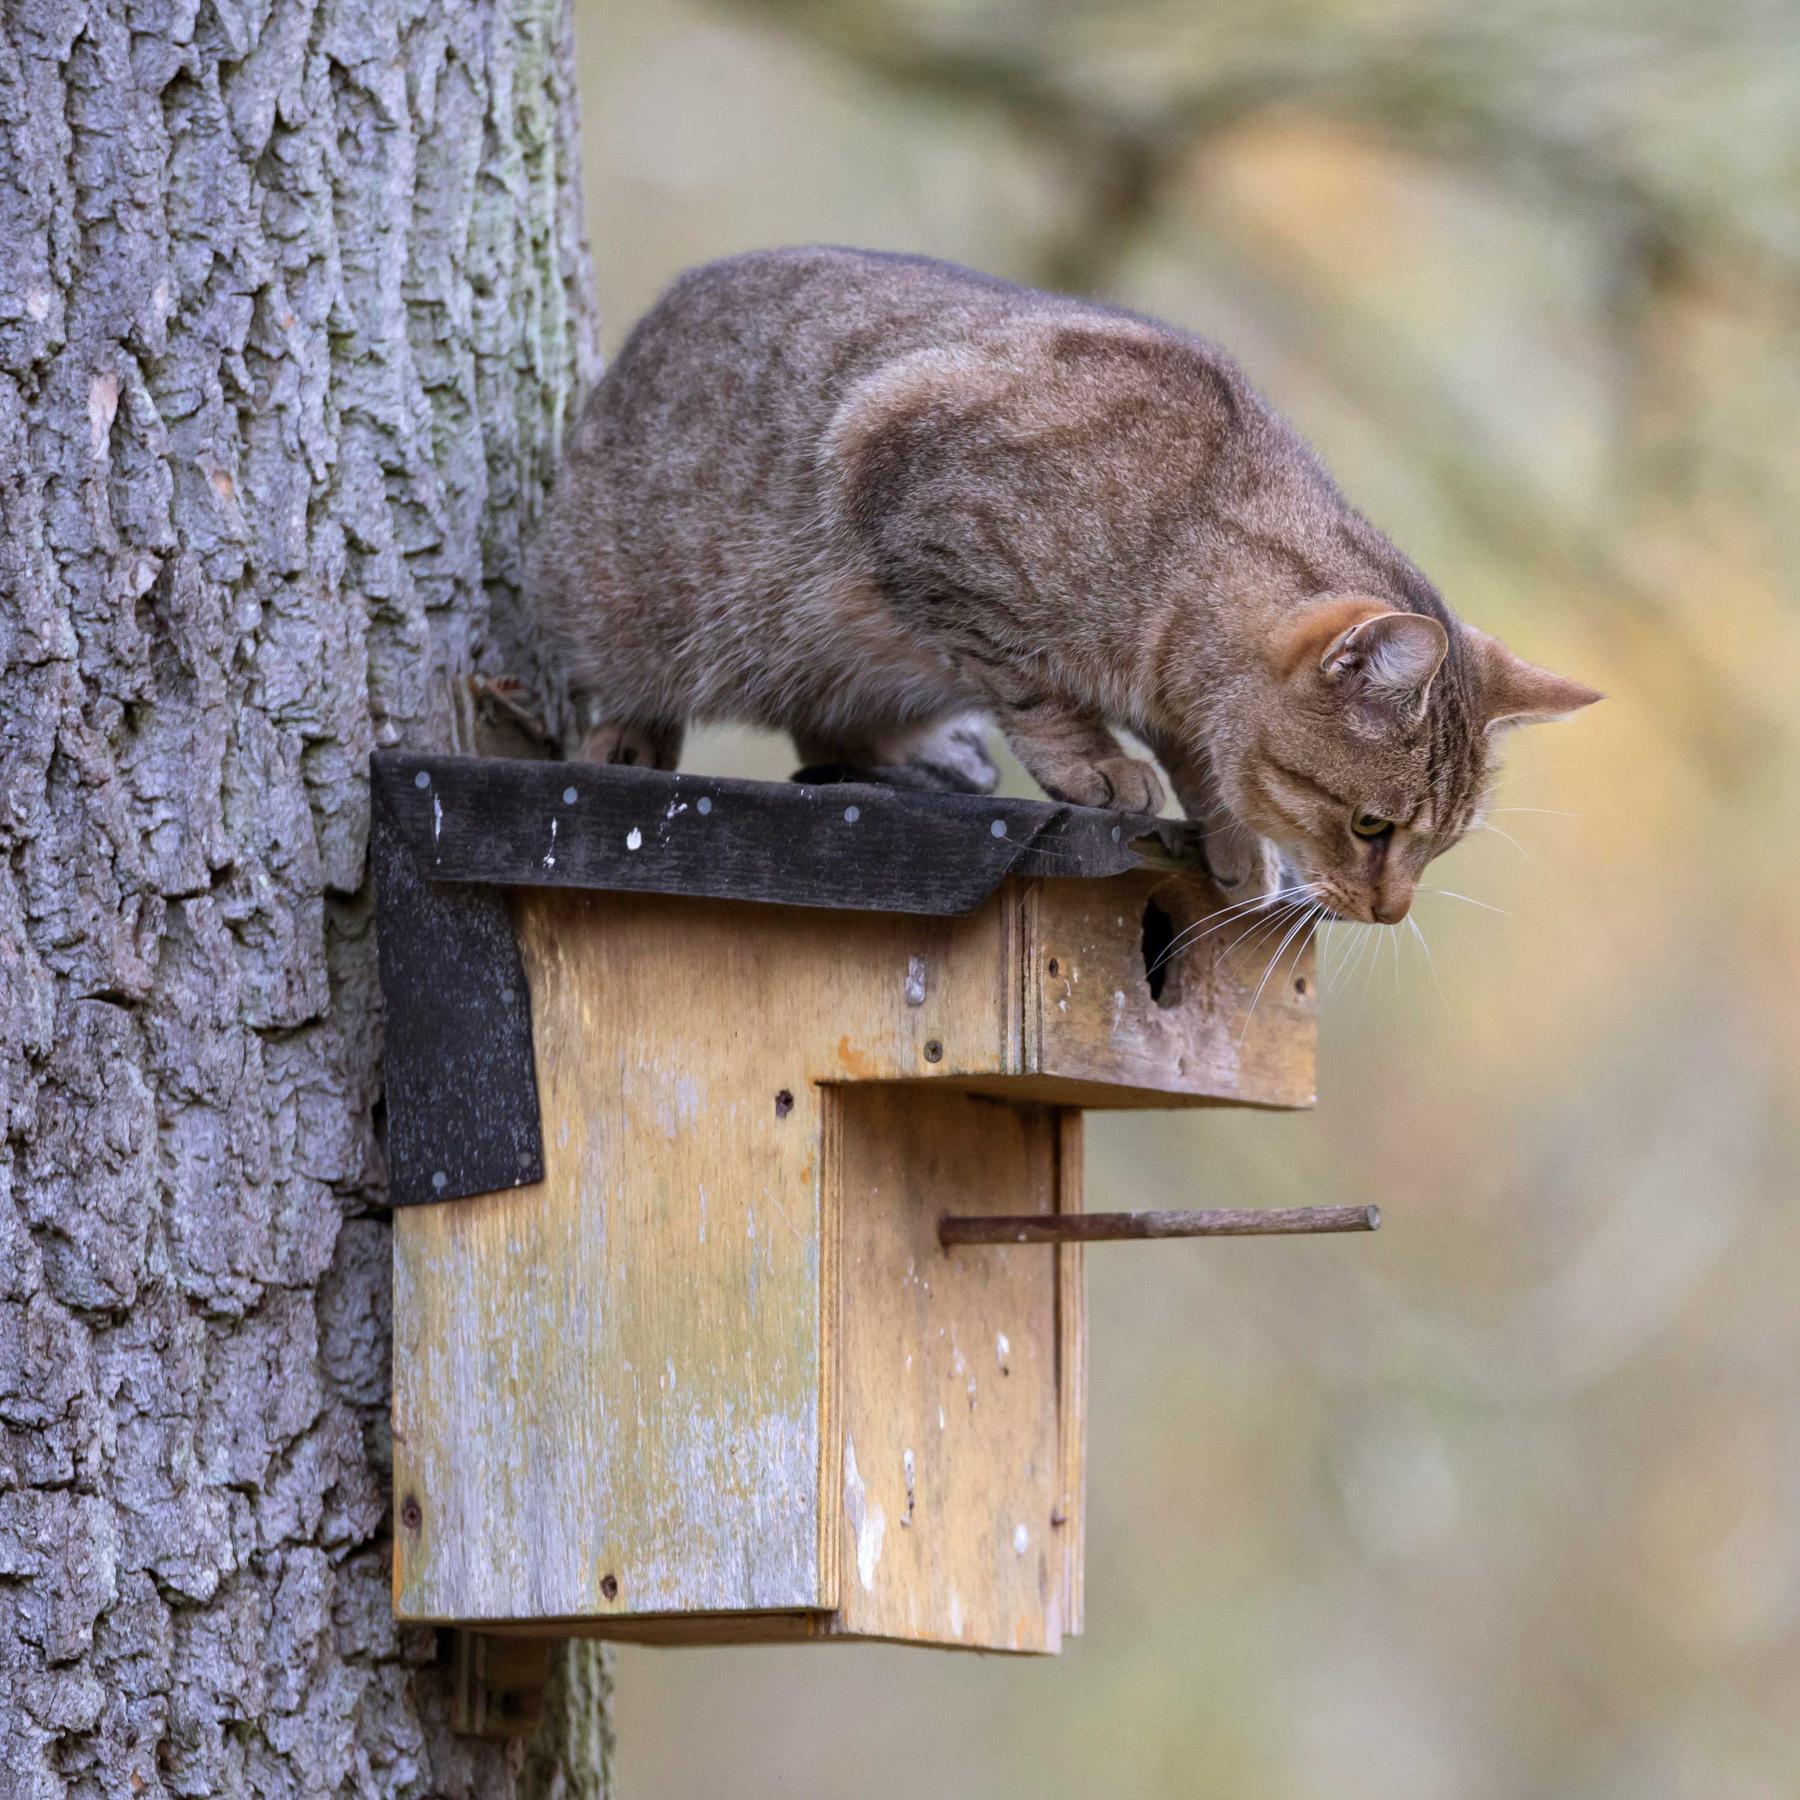 Katzenpfade - Wie Biologen das Verhalten der Vierbeiner erkunden